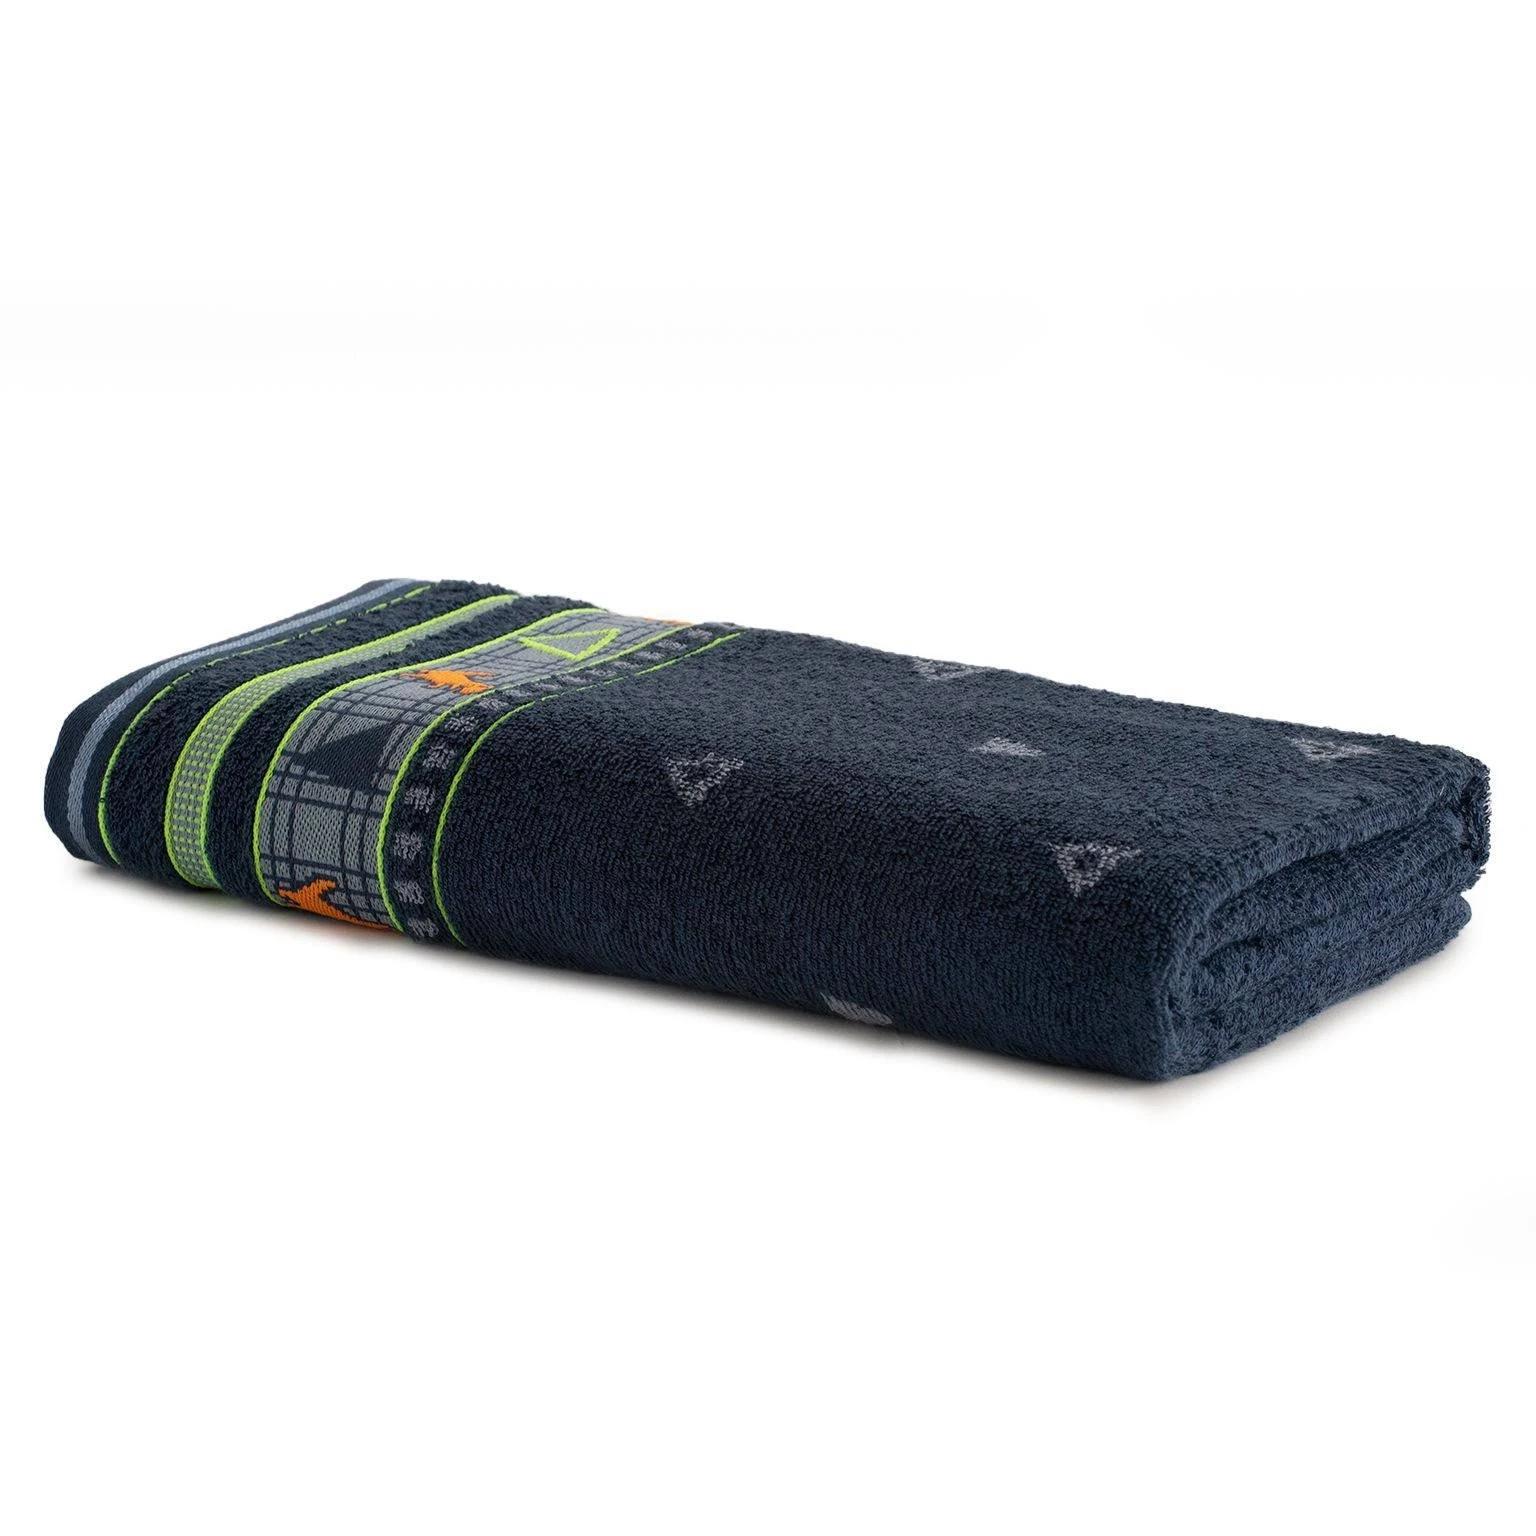 Toalha de Banho Artex Infantil 100 Algodao 70x135 cm Jeans